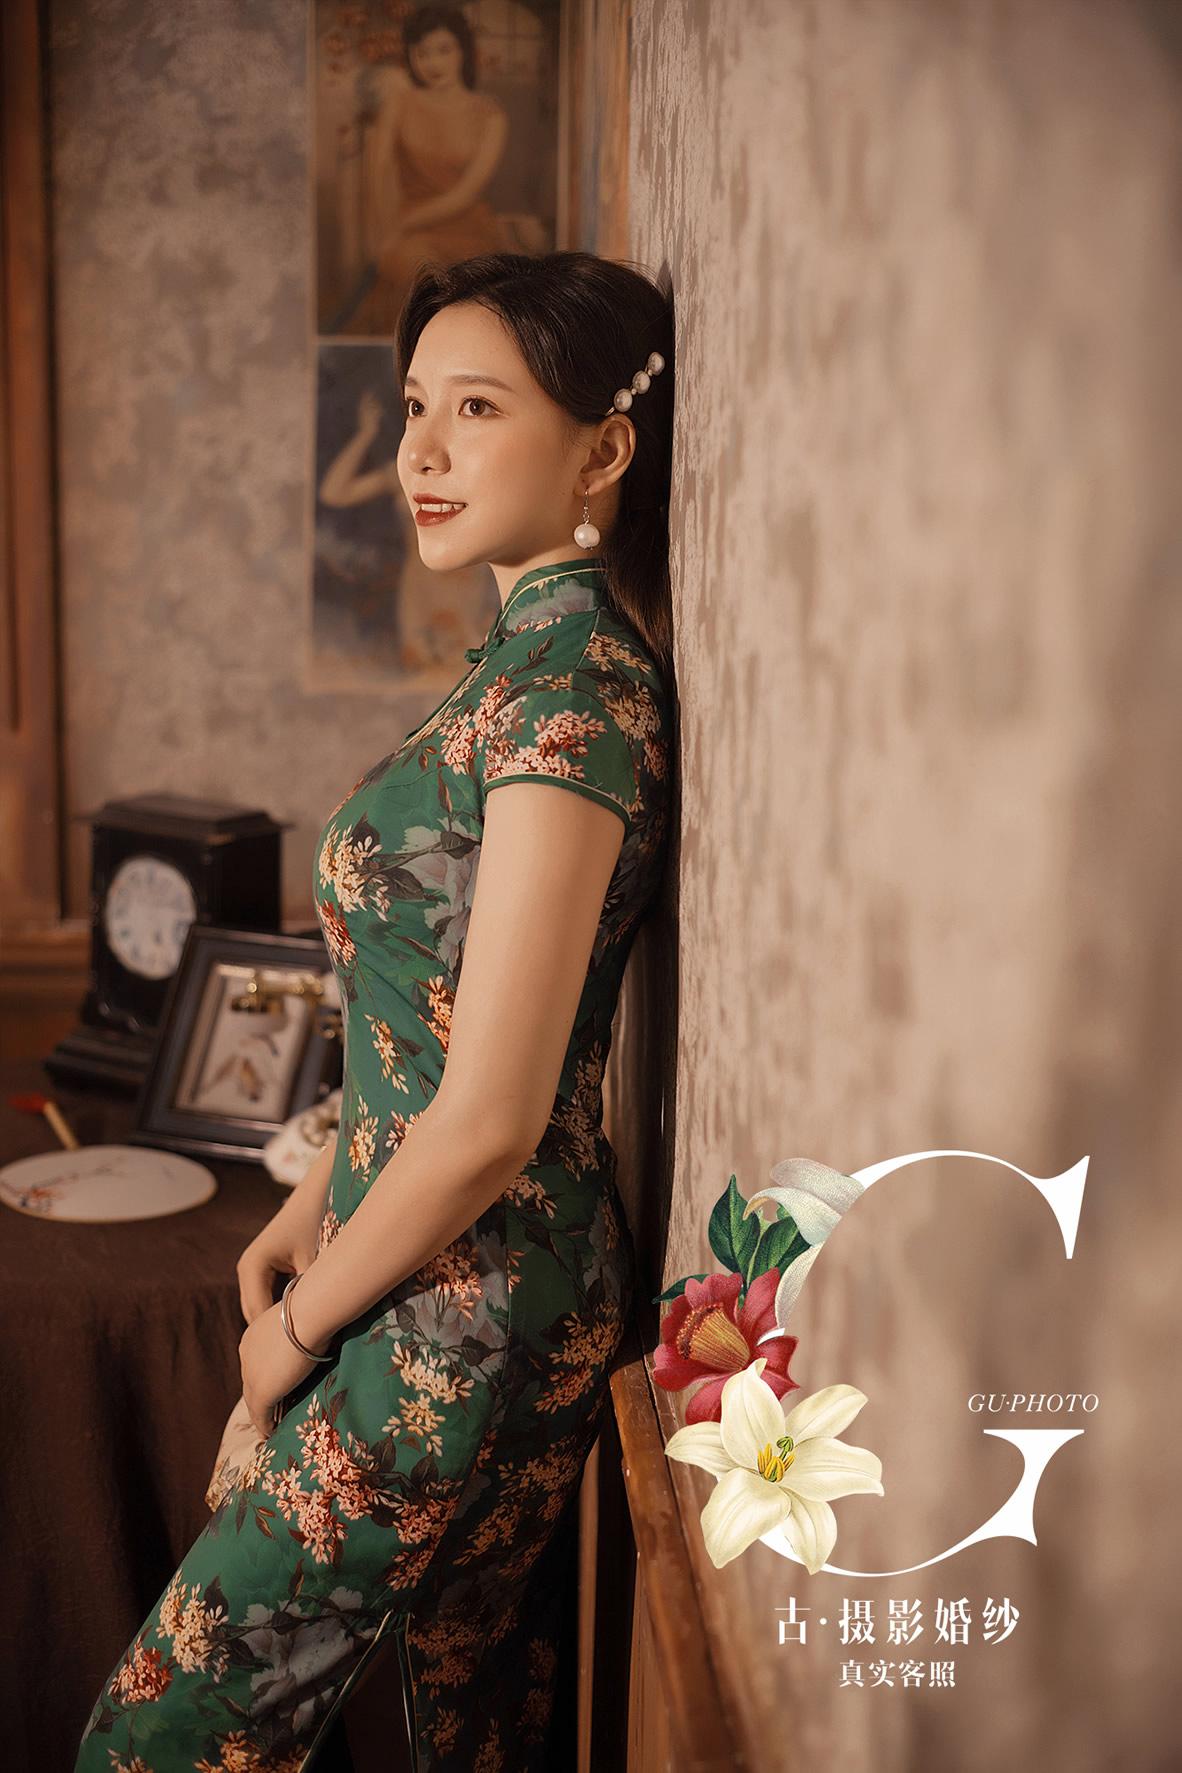 张先生 伍小姐 - 每日客照 - 古摄影婚纱艺术-古摄影成都婚纱摄影艺术摄影网